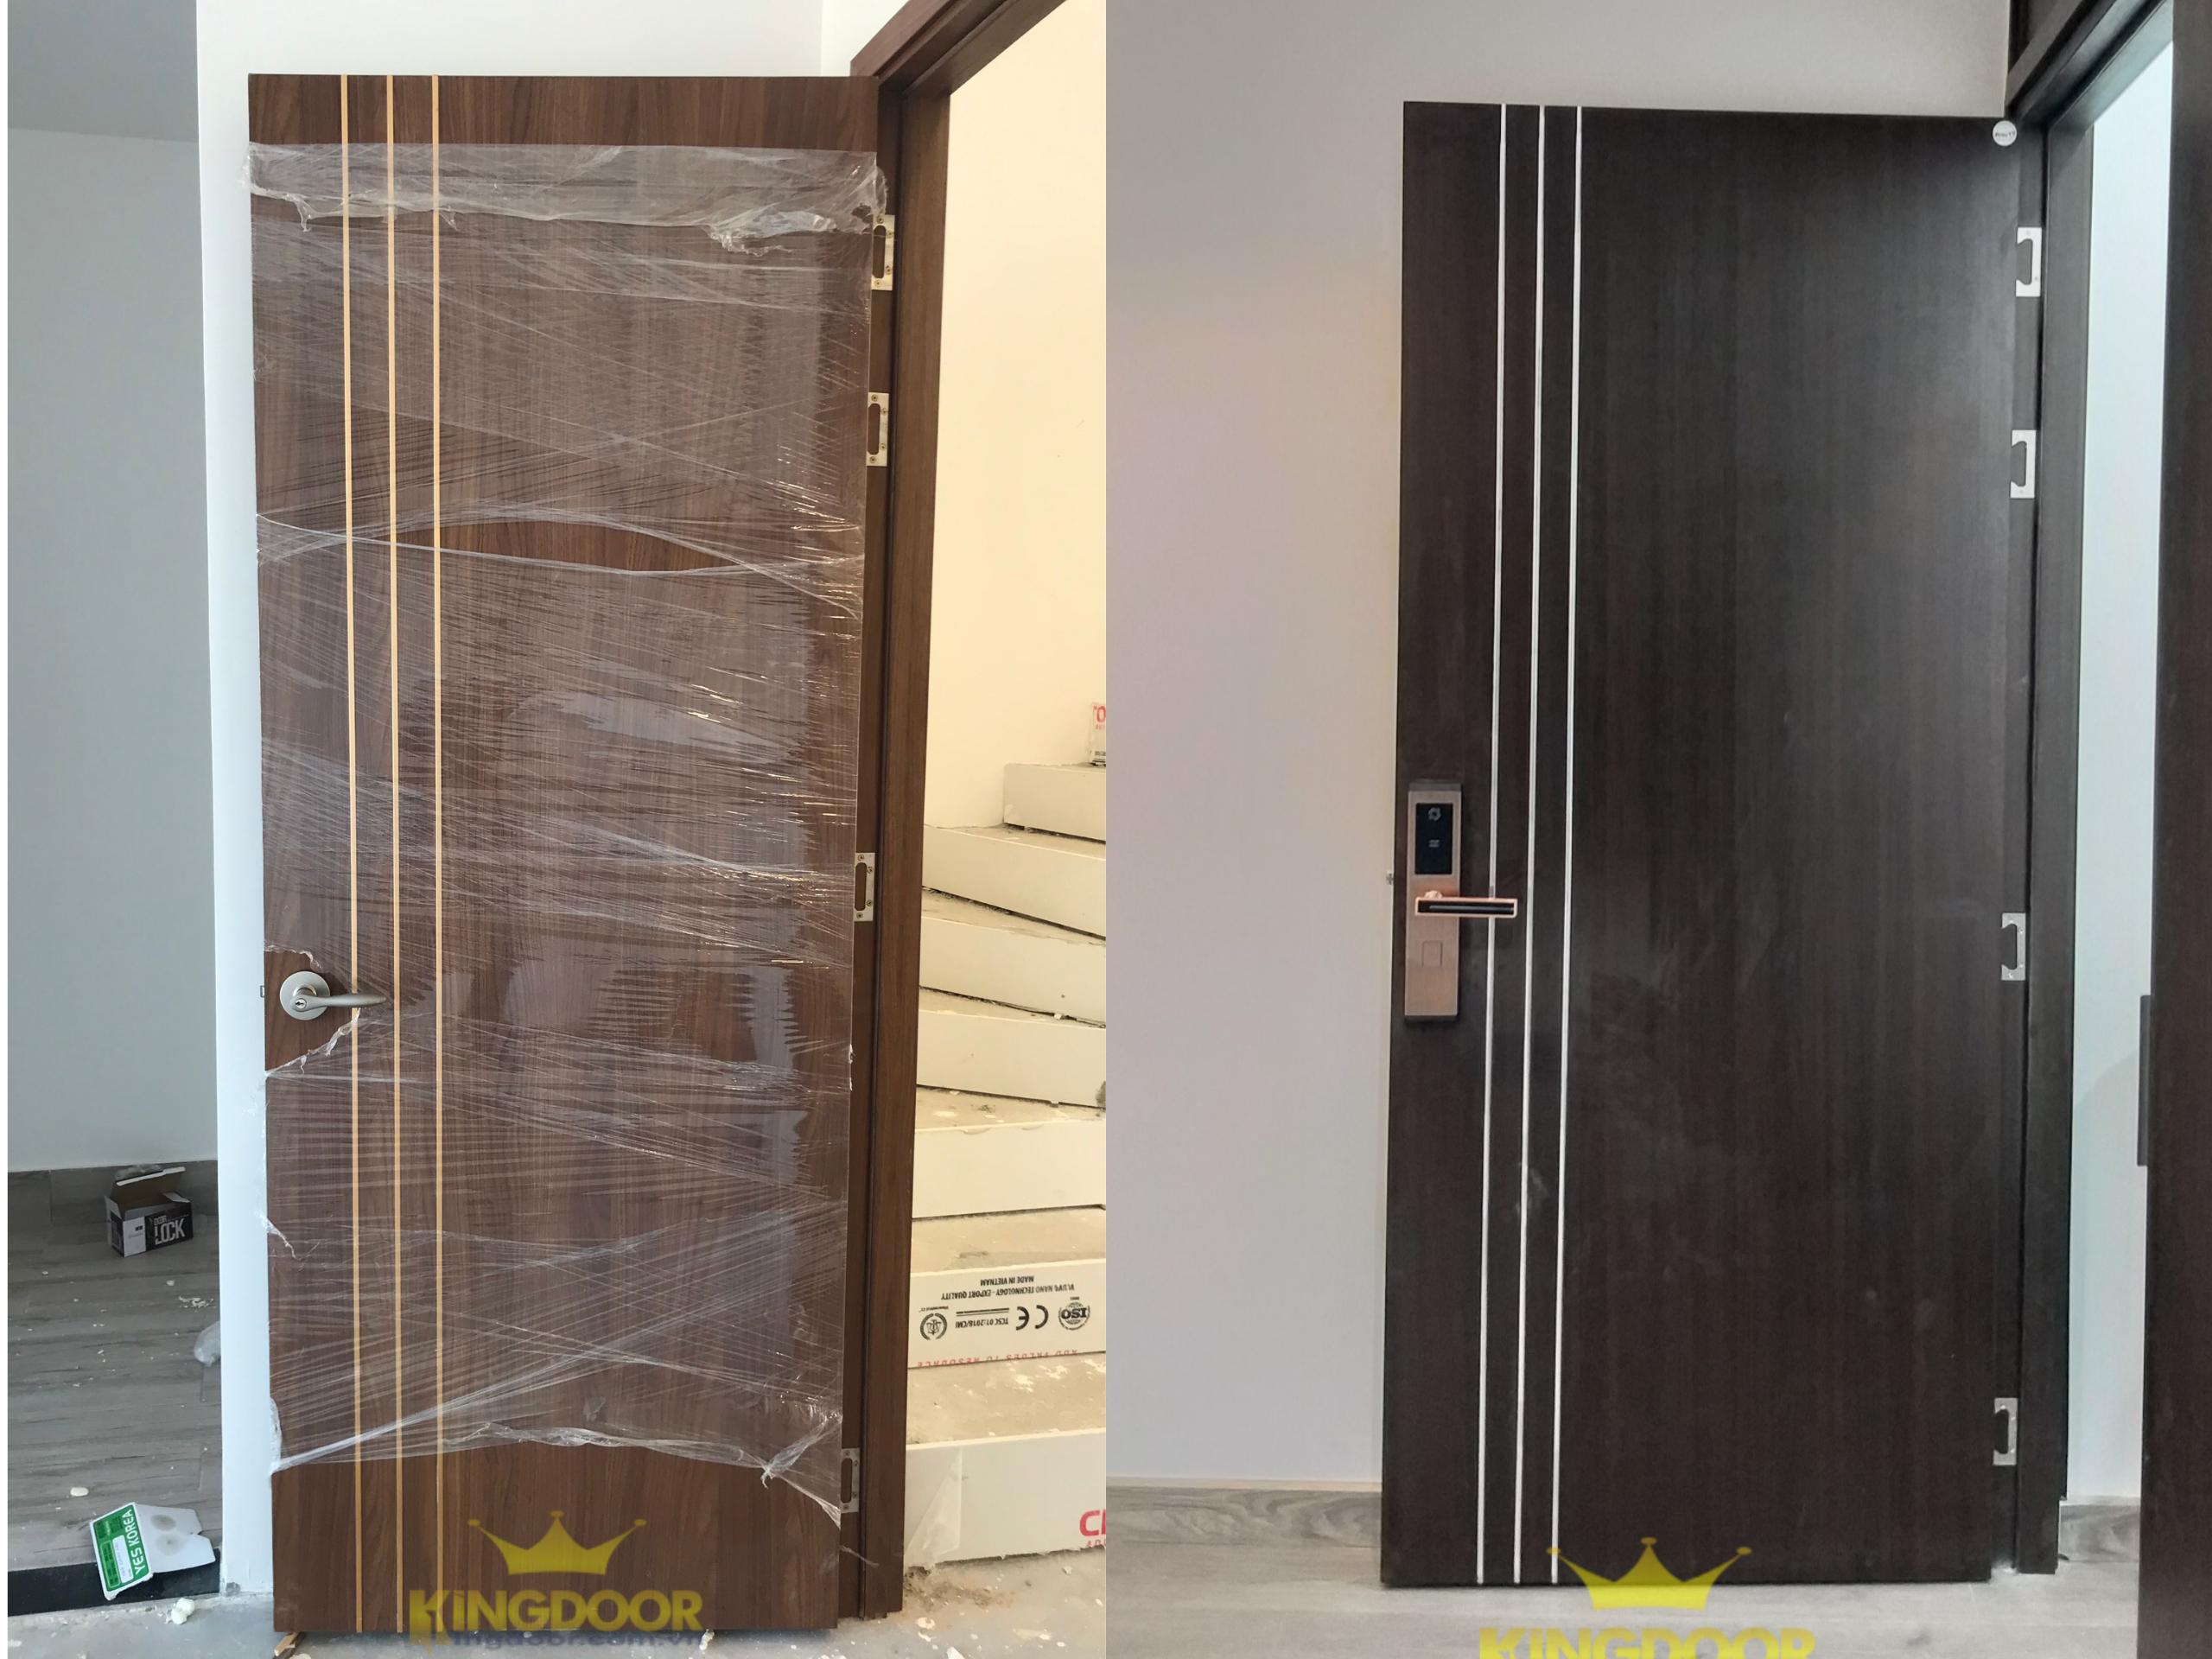 Mẫu cửa gỗ Công nghiệp MDF MELAMINE chạy chỉ nhôm trang trí - Cửa gỗ phòng ngủ đẹp.